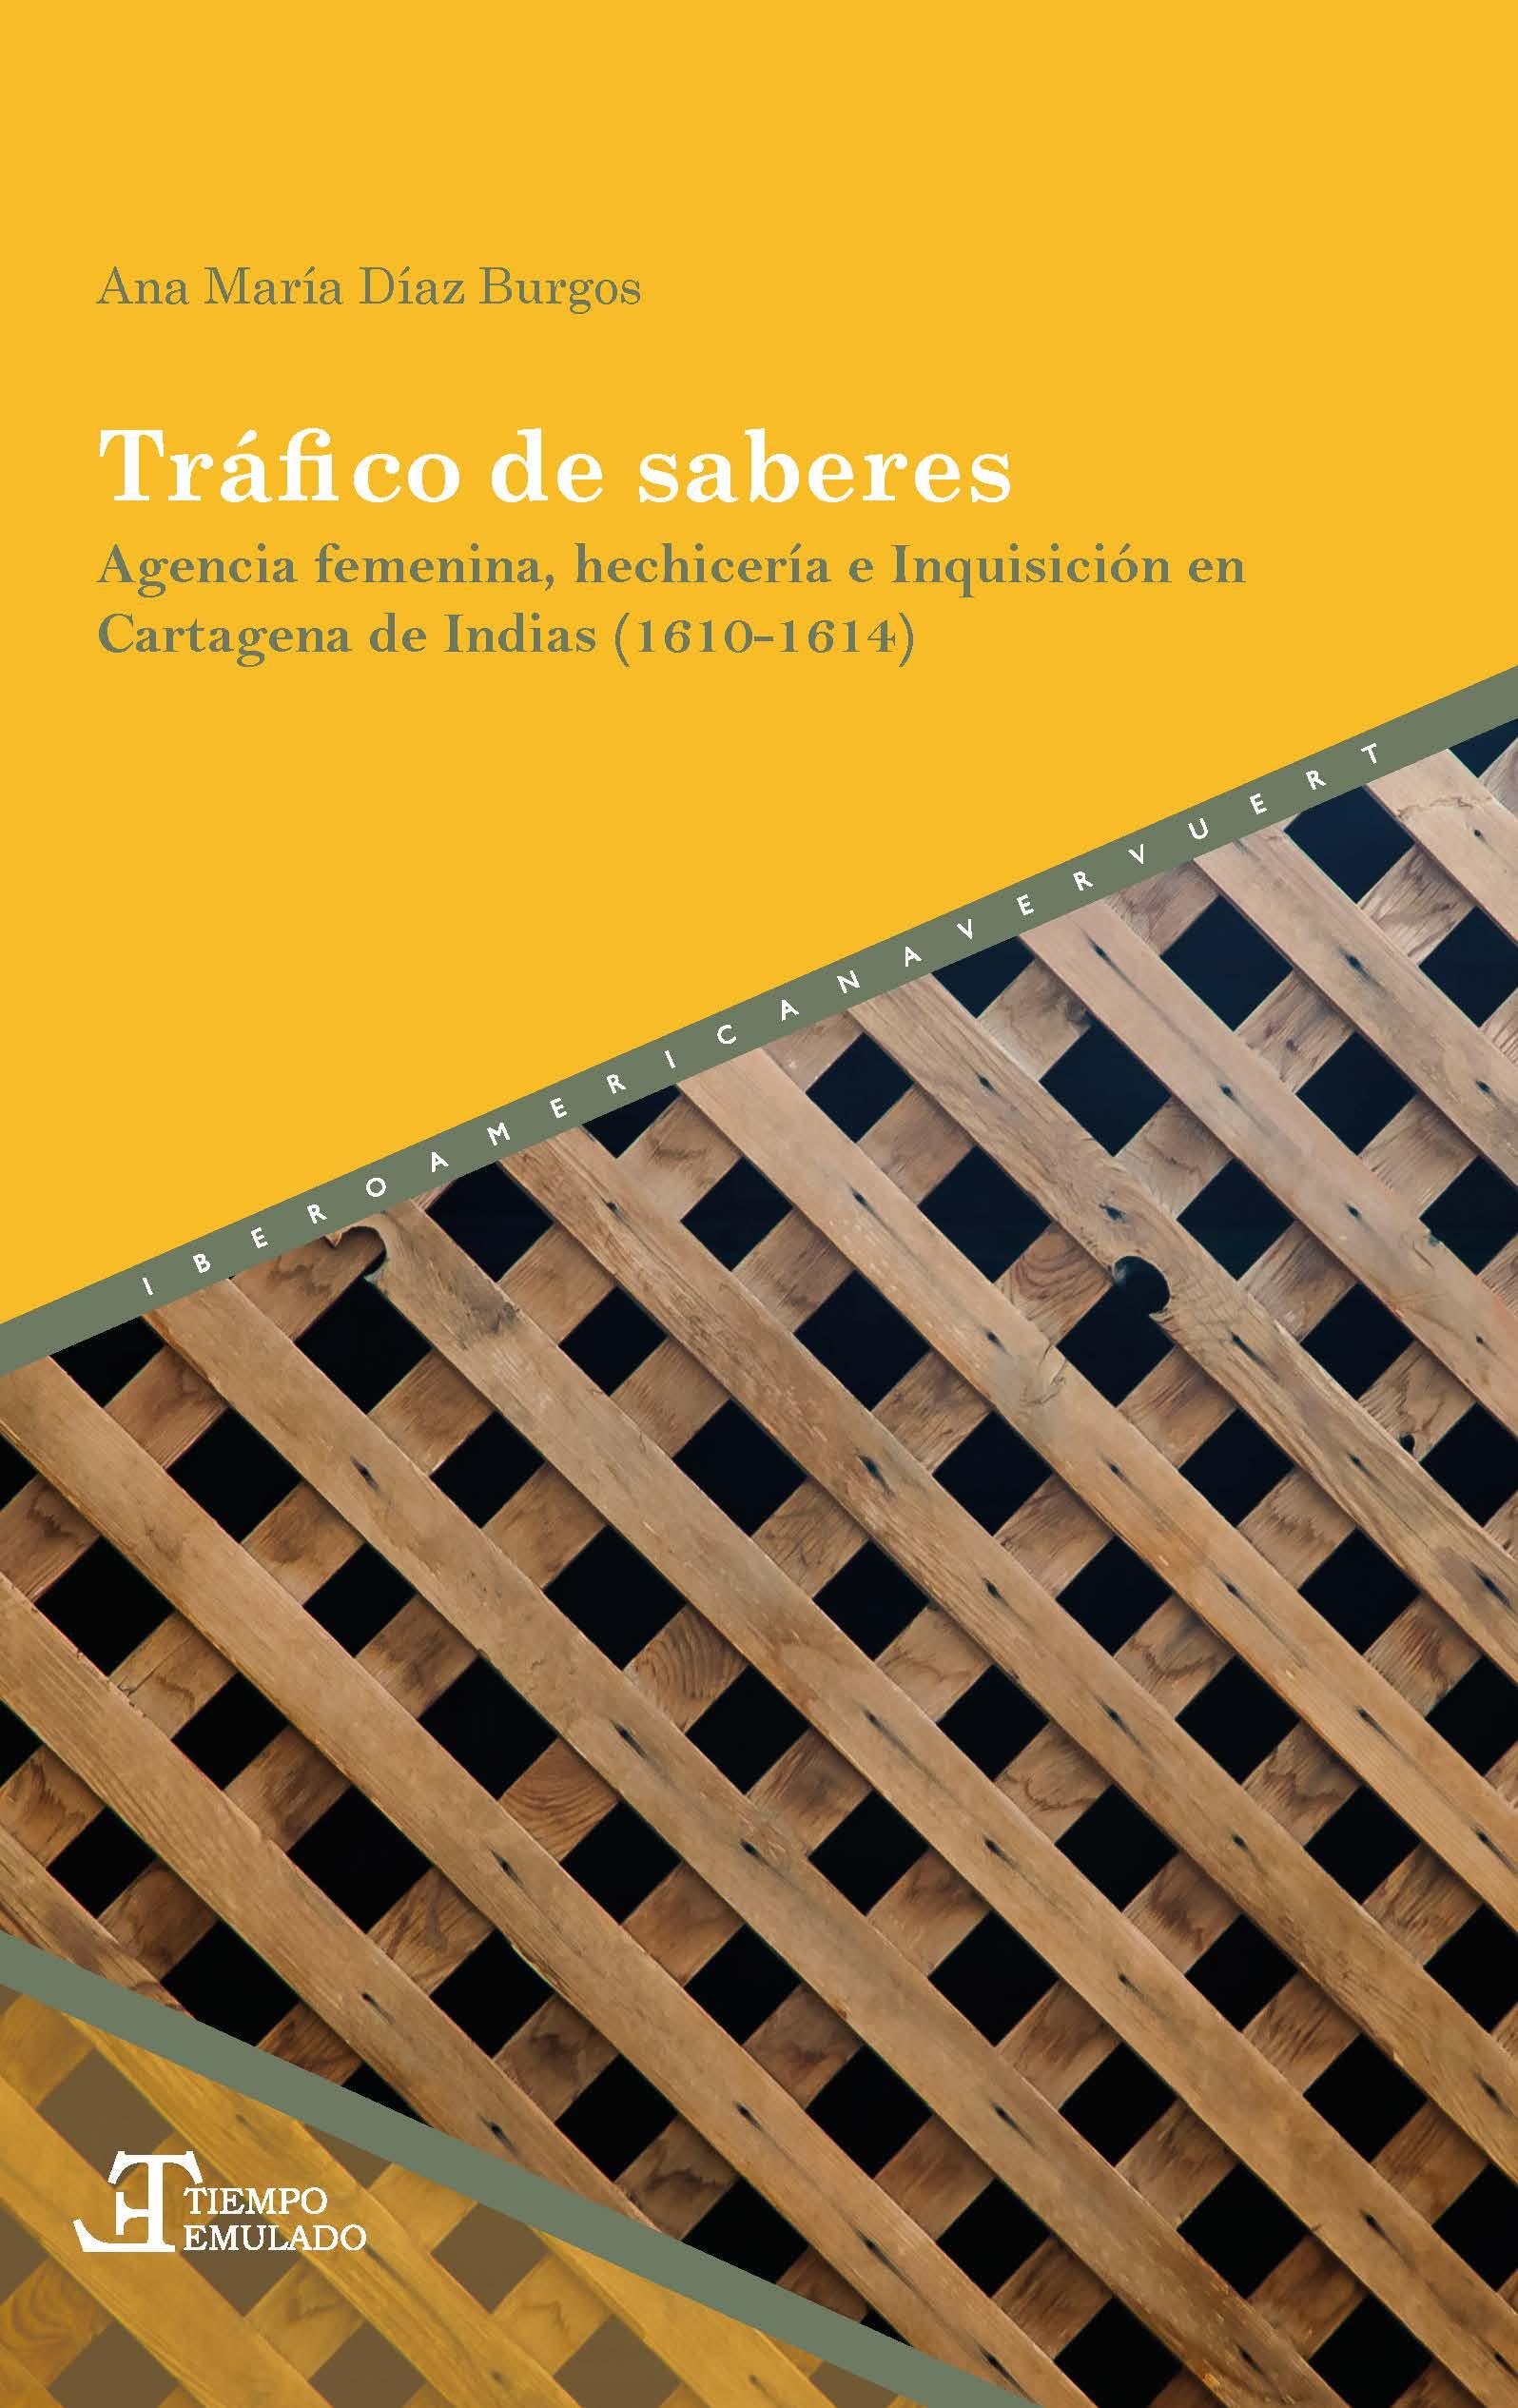 TRAFICO DE SABERES